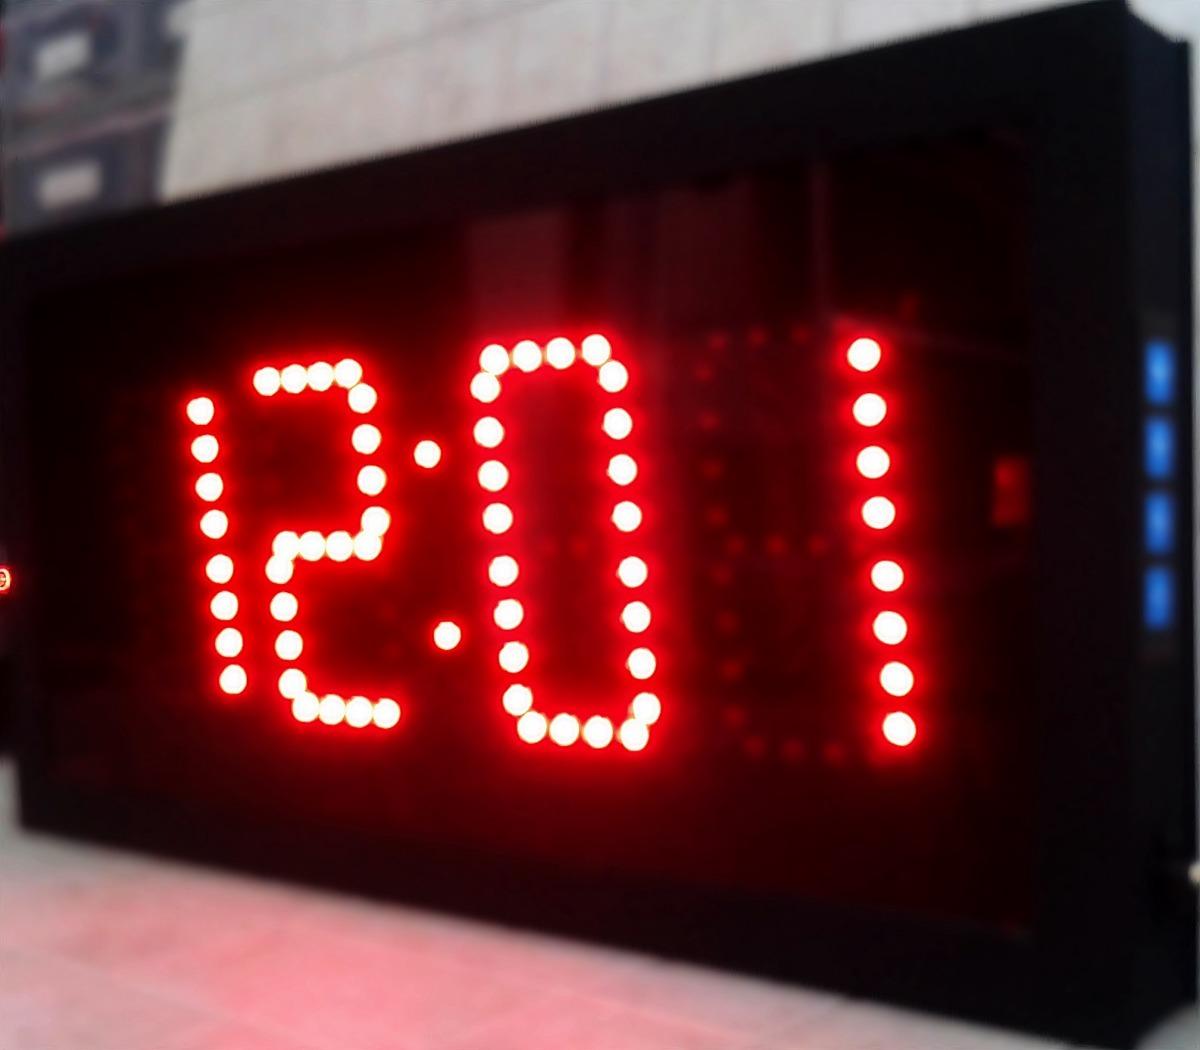 d4066dcba reloj cronómetro temporizador digital de leds digitos 10cm. Cargando zoom.